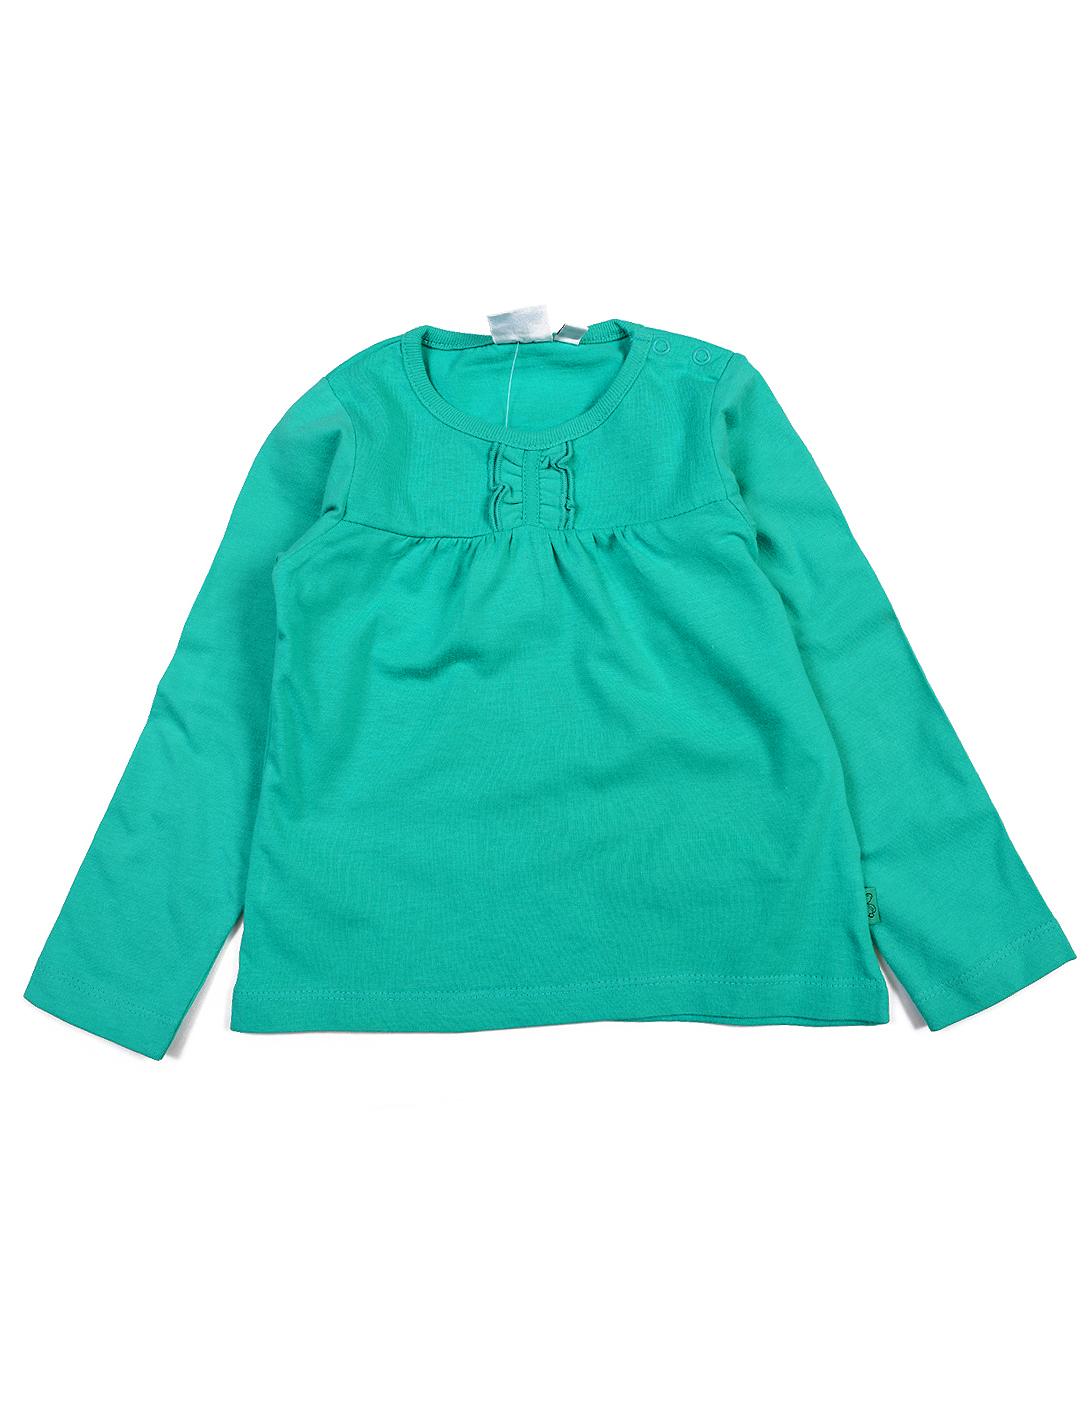 Блузки с длинным рукавом доставка